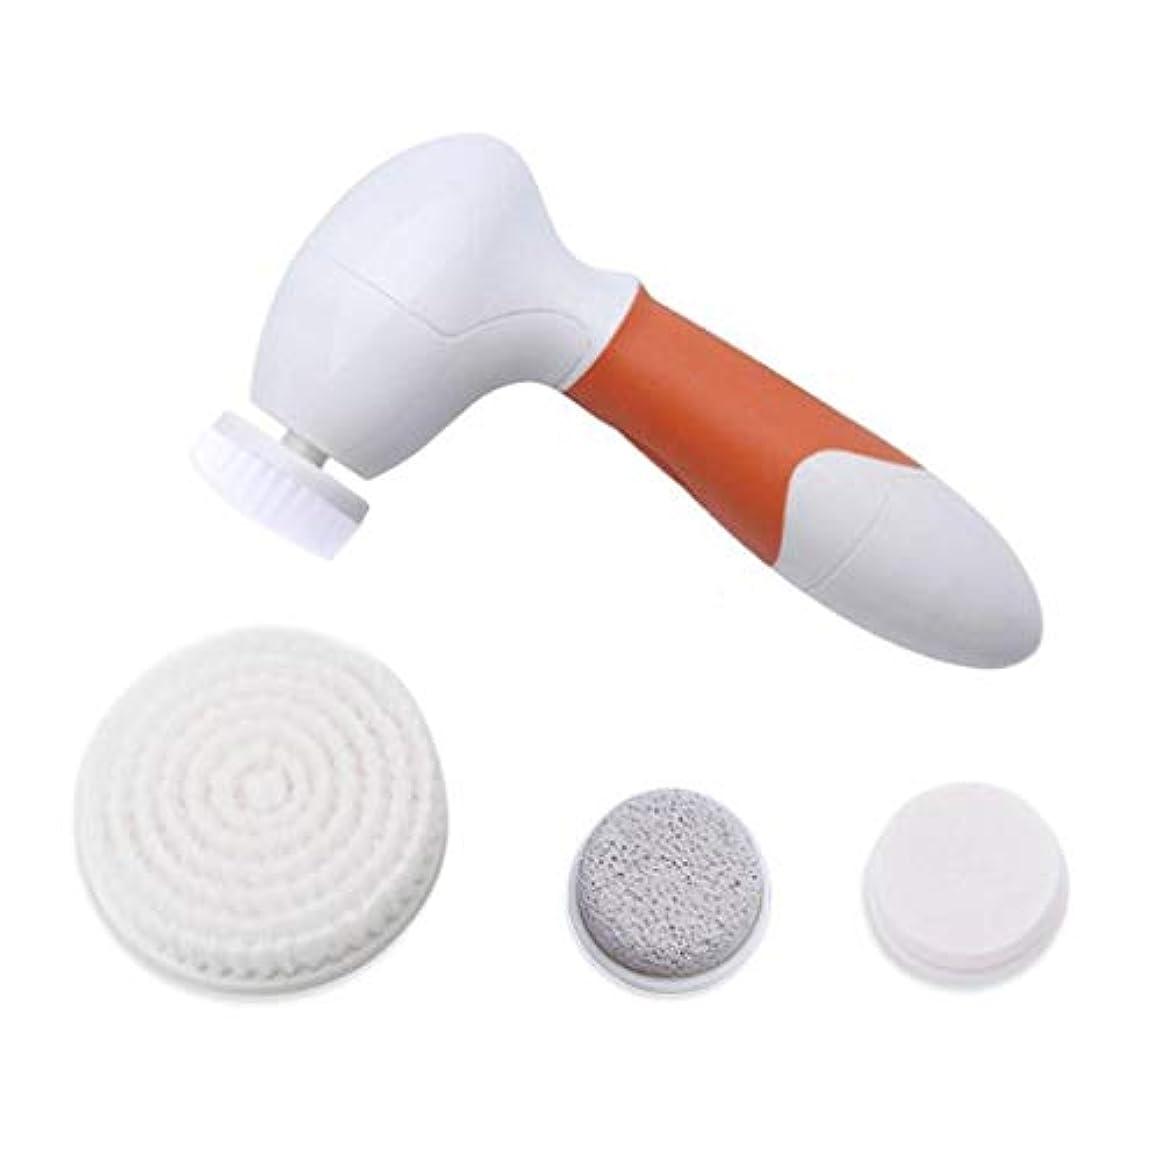 ダイアクリティカル静かな熱帯のディープクレンジングブラシ、スキンソニックフェイシャルマッサージャーポータブルディープクレンジングジェントルエクスフォリエイティングブラックヘッドの除去スキンポアクリーナー (Color : Orange)